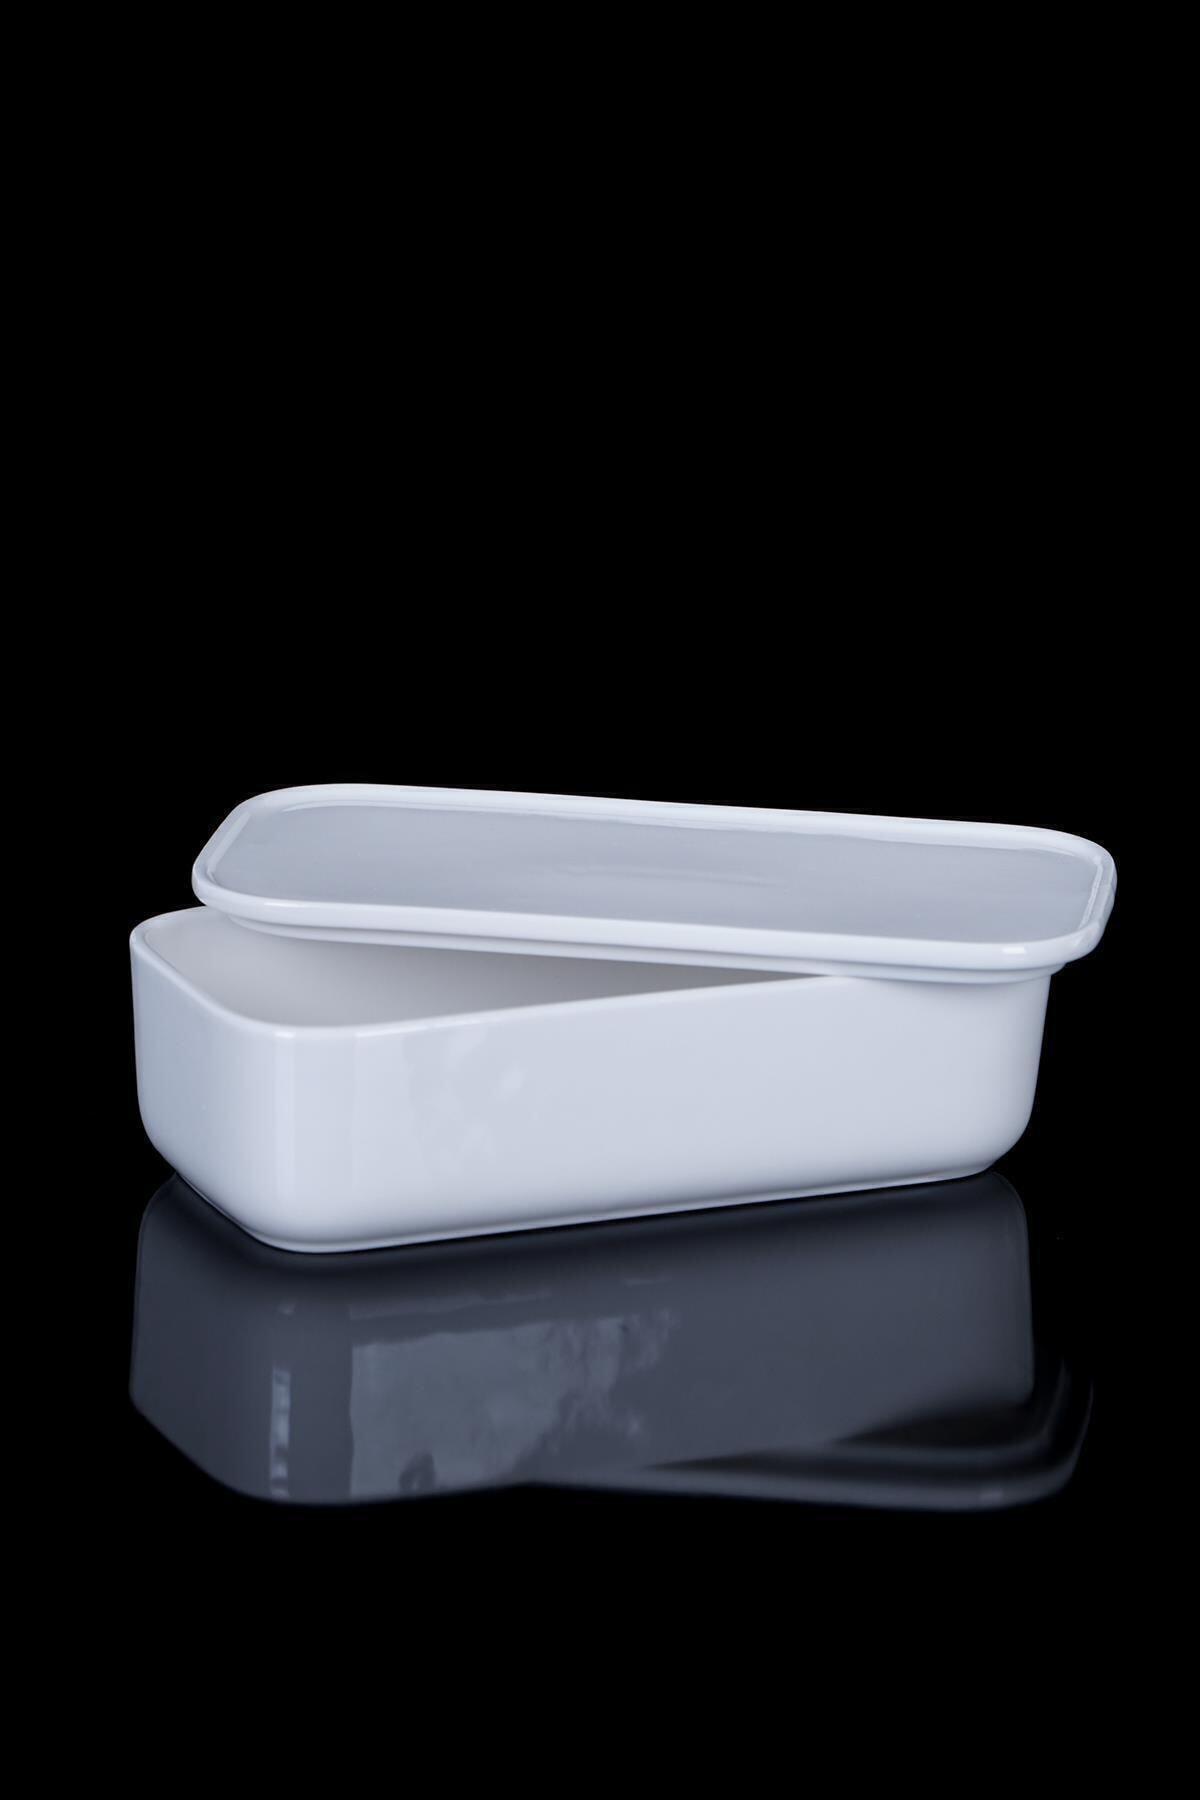 Pure White Porselen Dikdörtgen Kapaklı Kase - 18,5 Cm